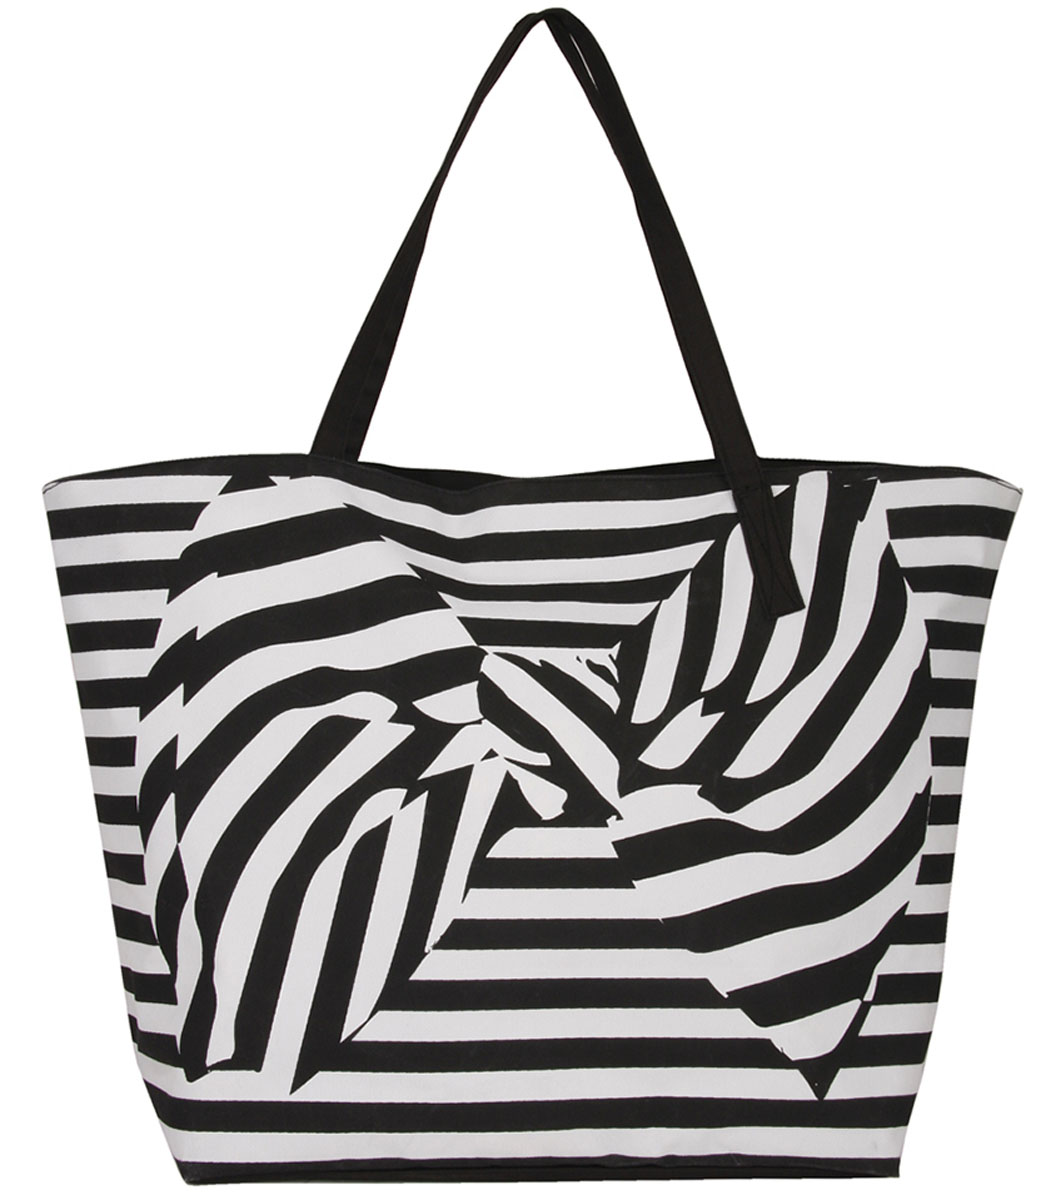 Сумка женская Venera, цвет: черный, белый. 1203256-1BM8434-58AEСтильная сумка Venera выполнена в черно - белом цвете из качественного полиэстера. Изделие декорировано бантом и полосатым принтом. Удобный аксессуар для пляжного отдыха и для прогулок.